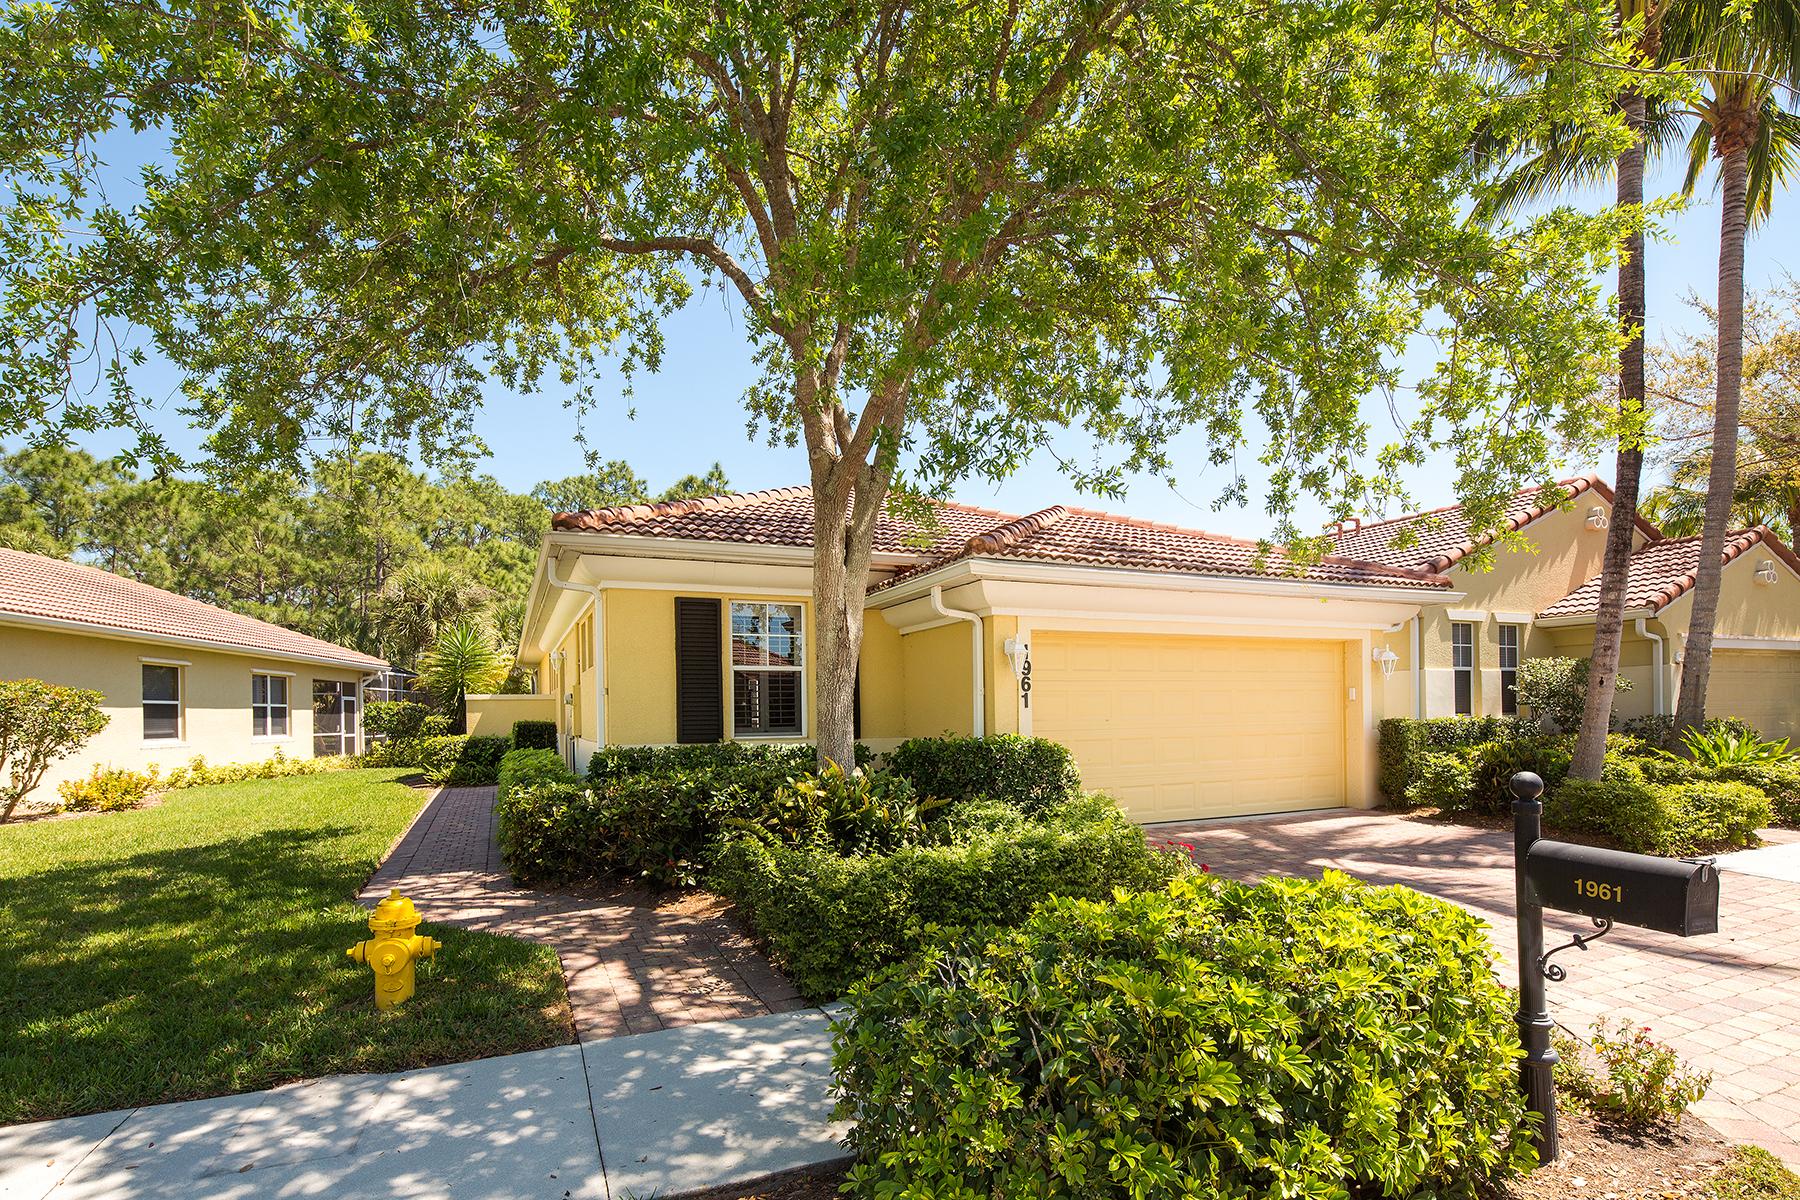 Частный односемейный дом для того Продажа на TARPON BAY - LEEWARD BAY 1961 Tarpon Bay Dr N 126 Naples, Флорида, 34119 Соединенные Штаты